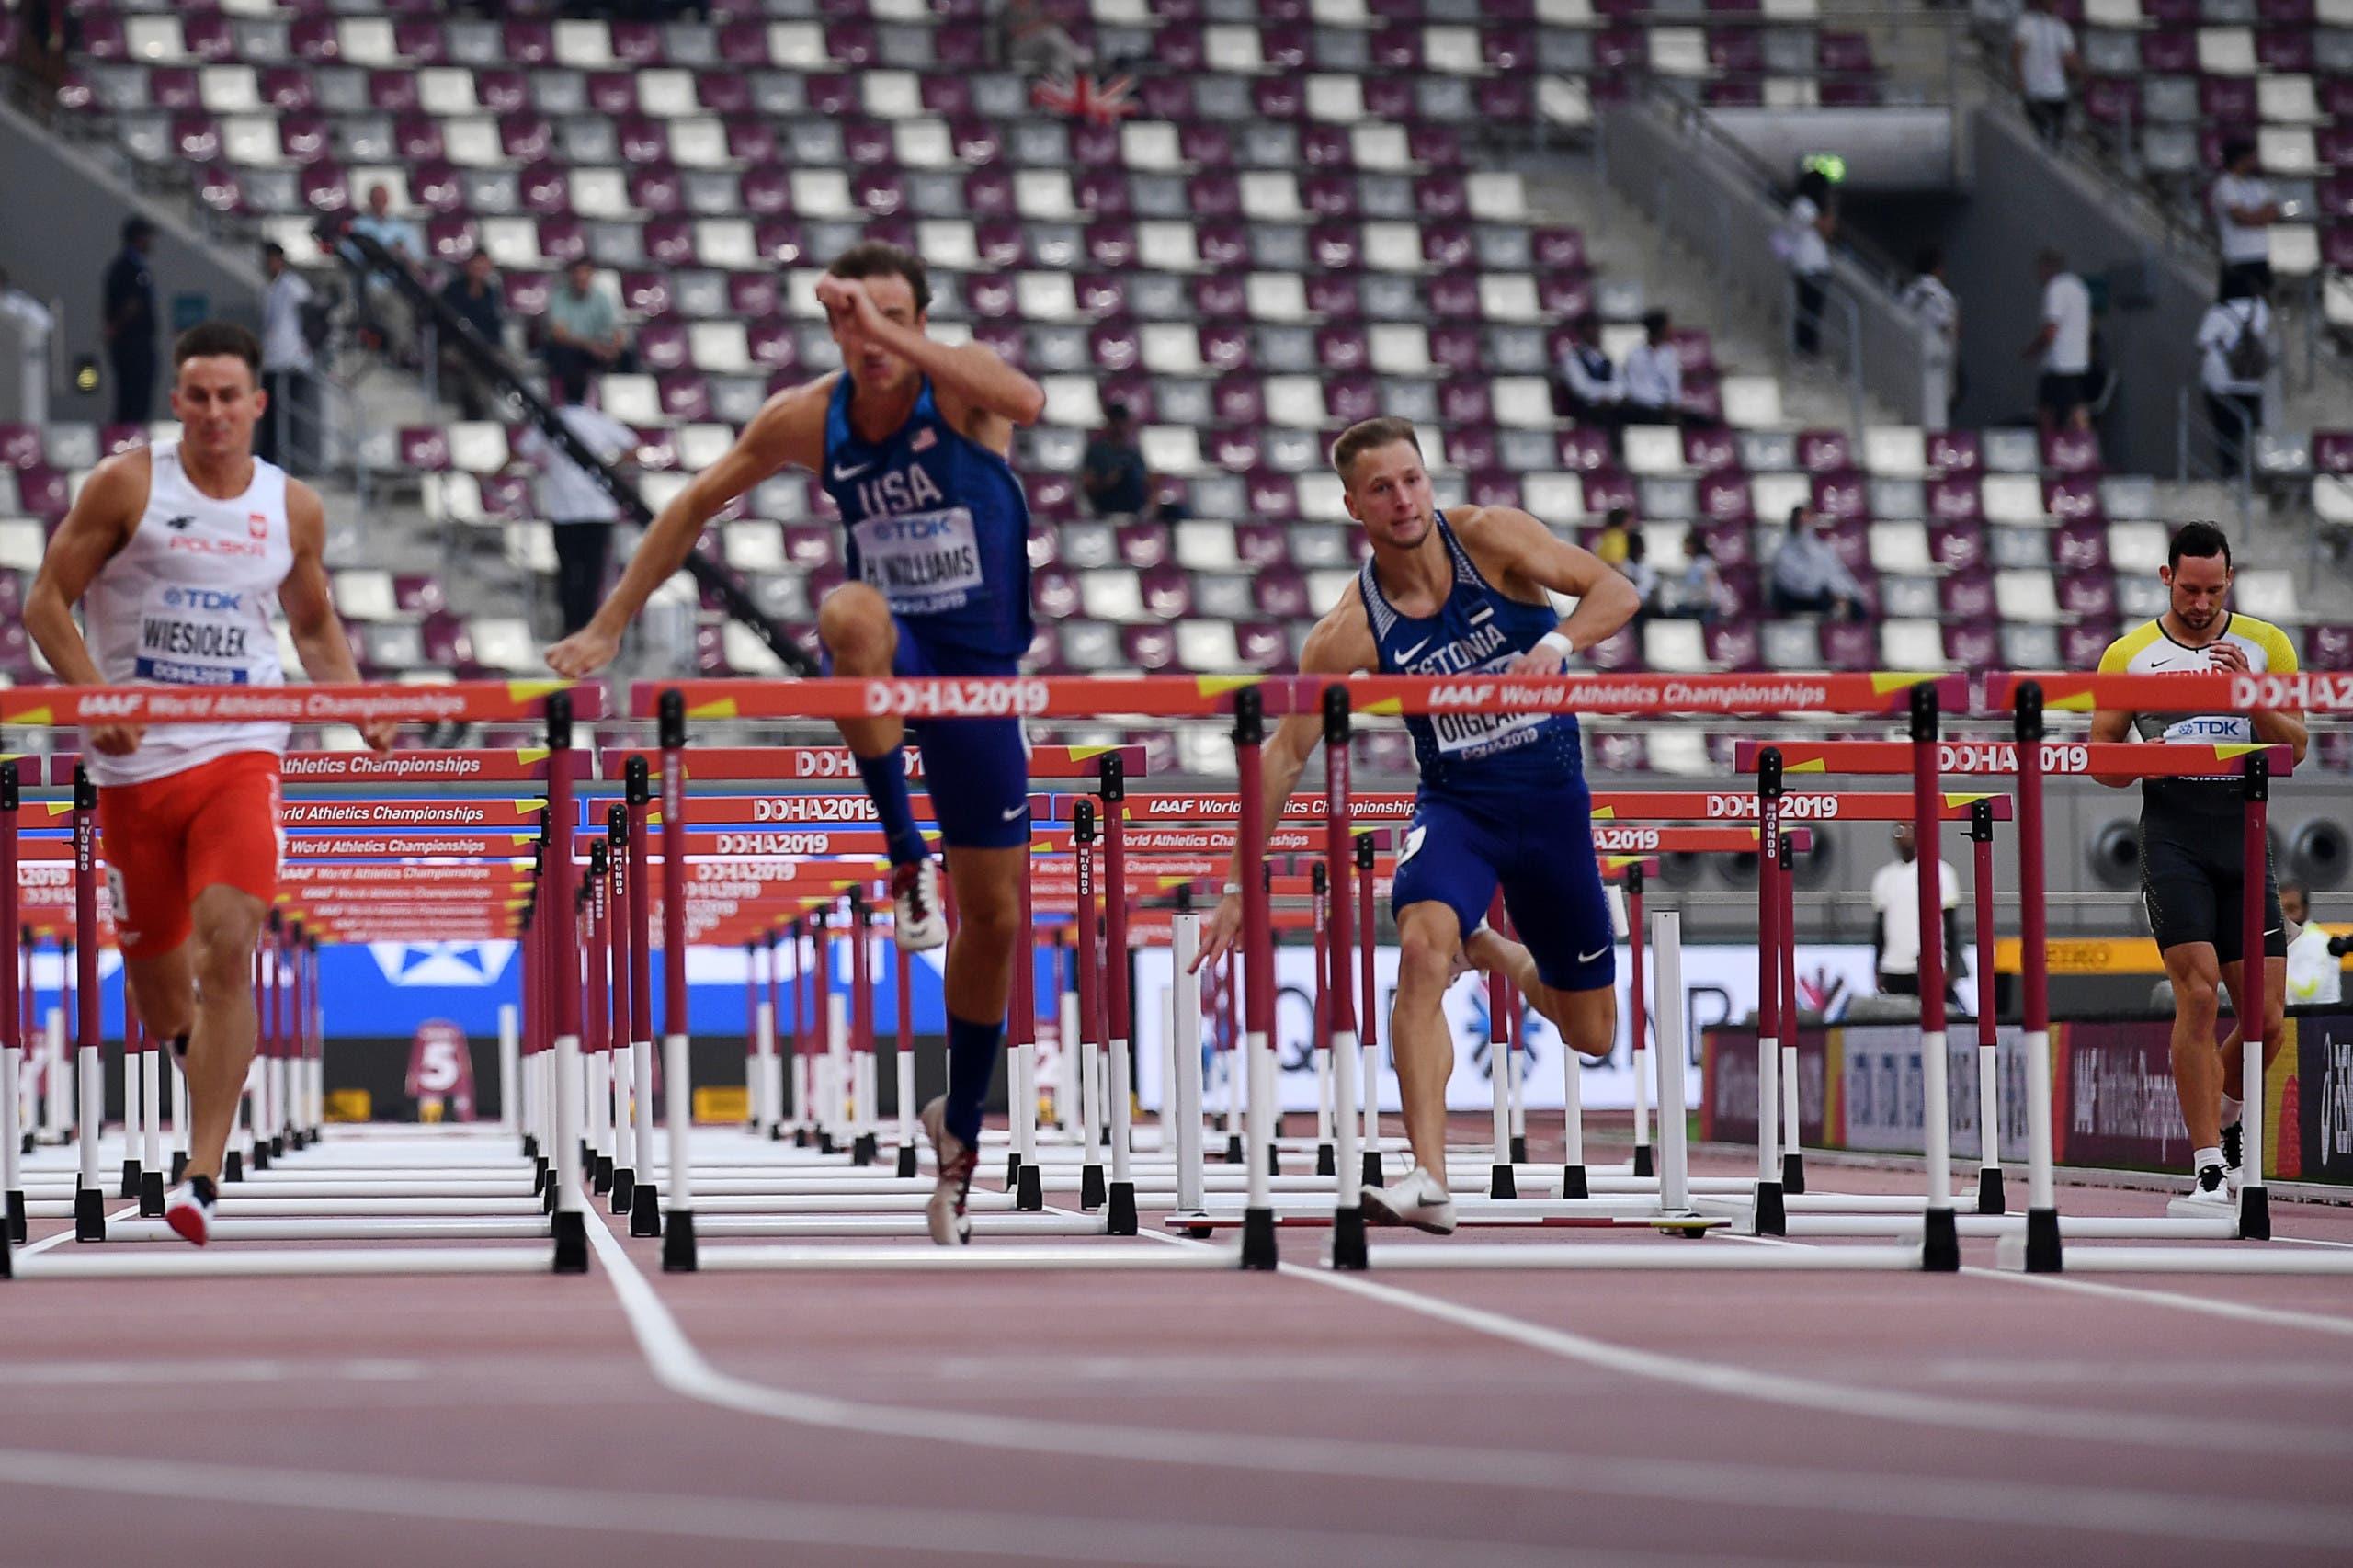 المدرجات الفارغة خلال مسابقات ألعاب القوى